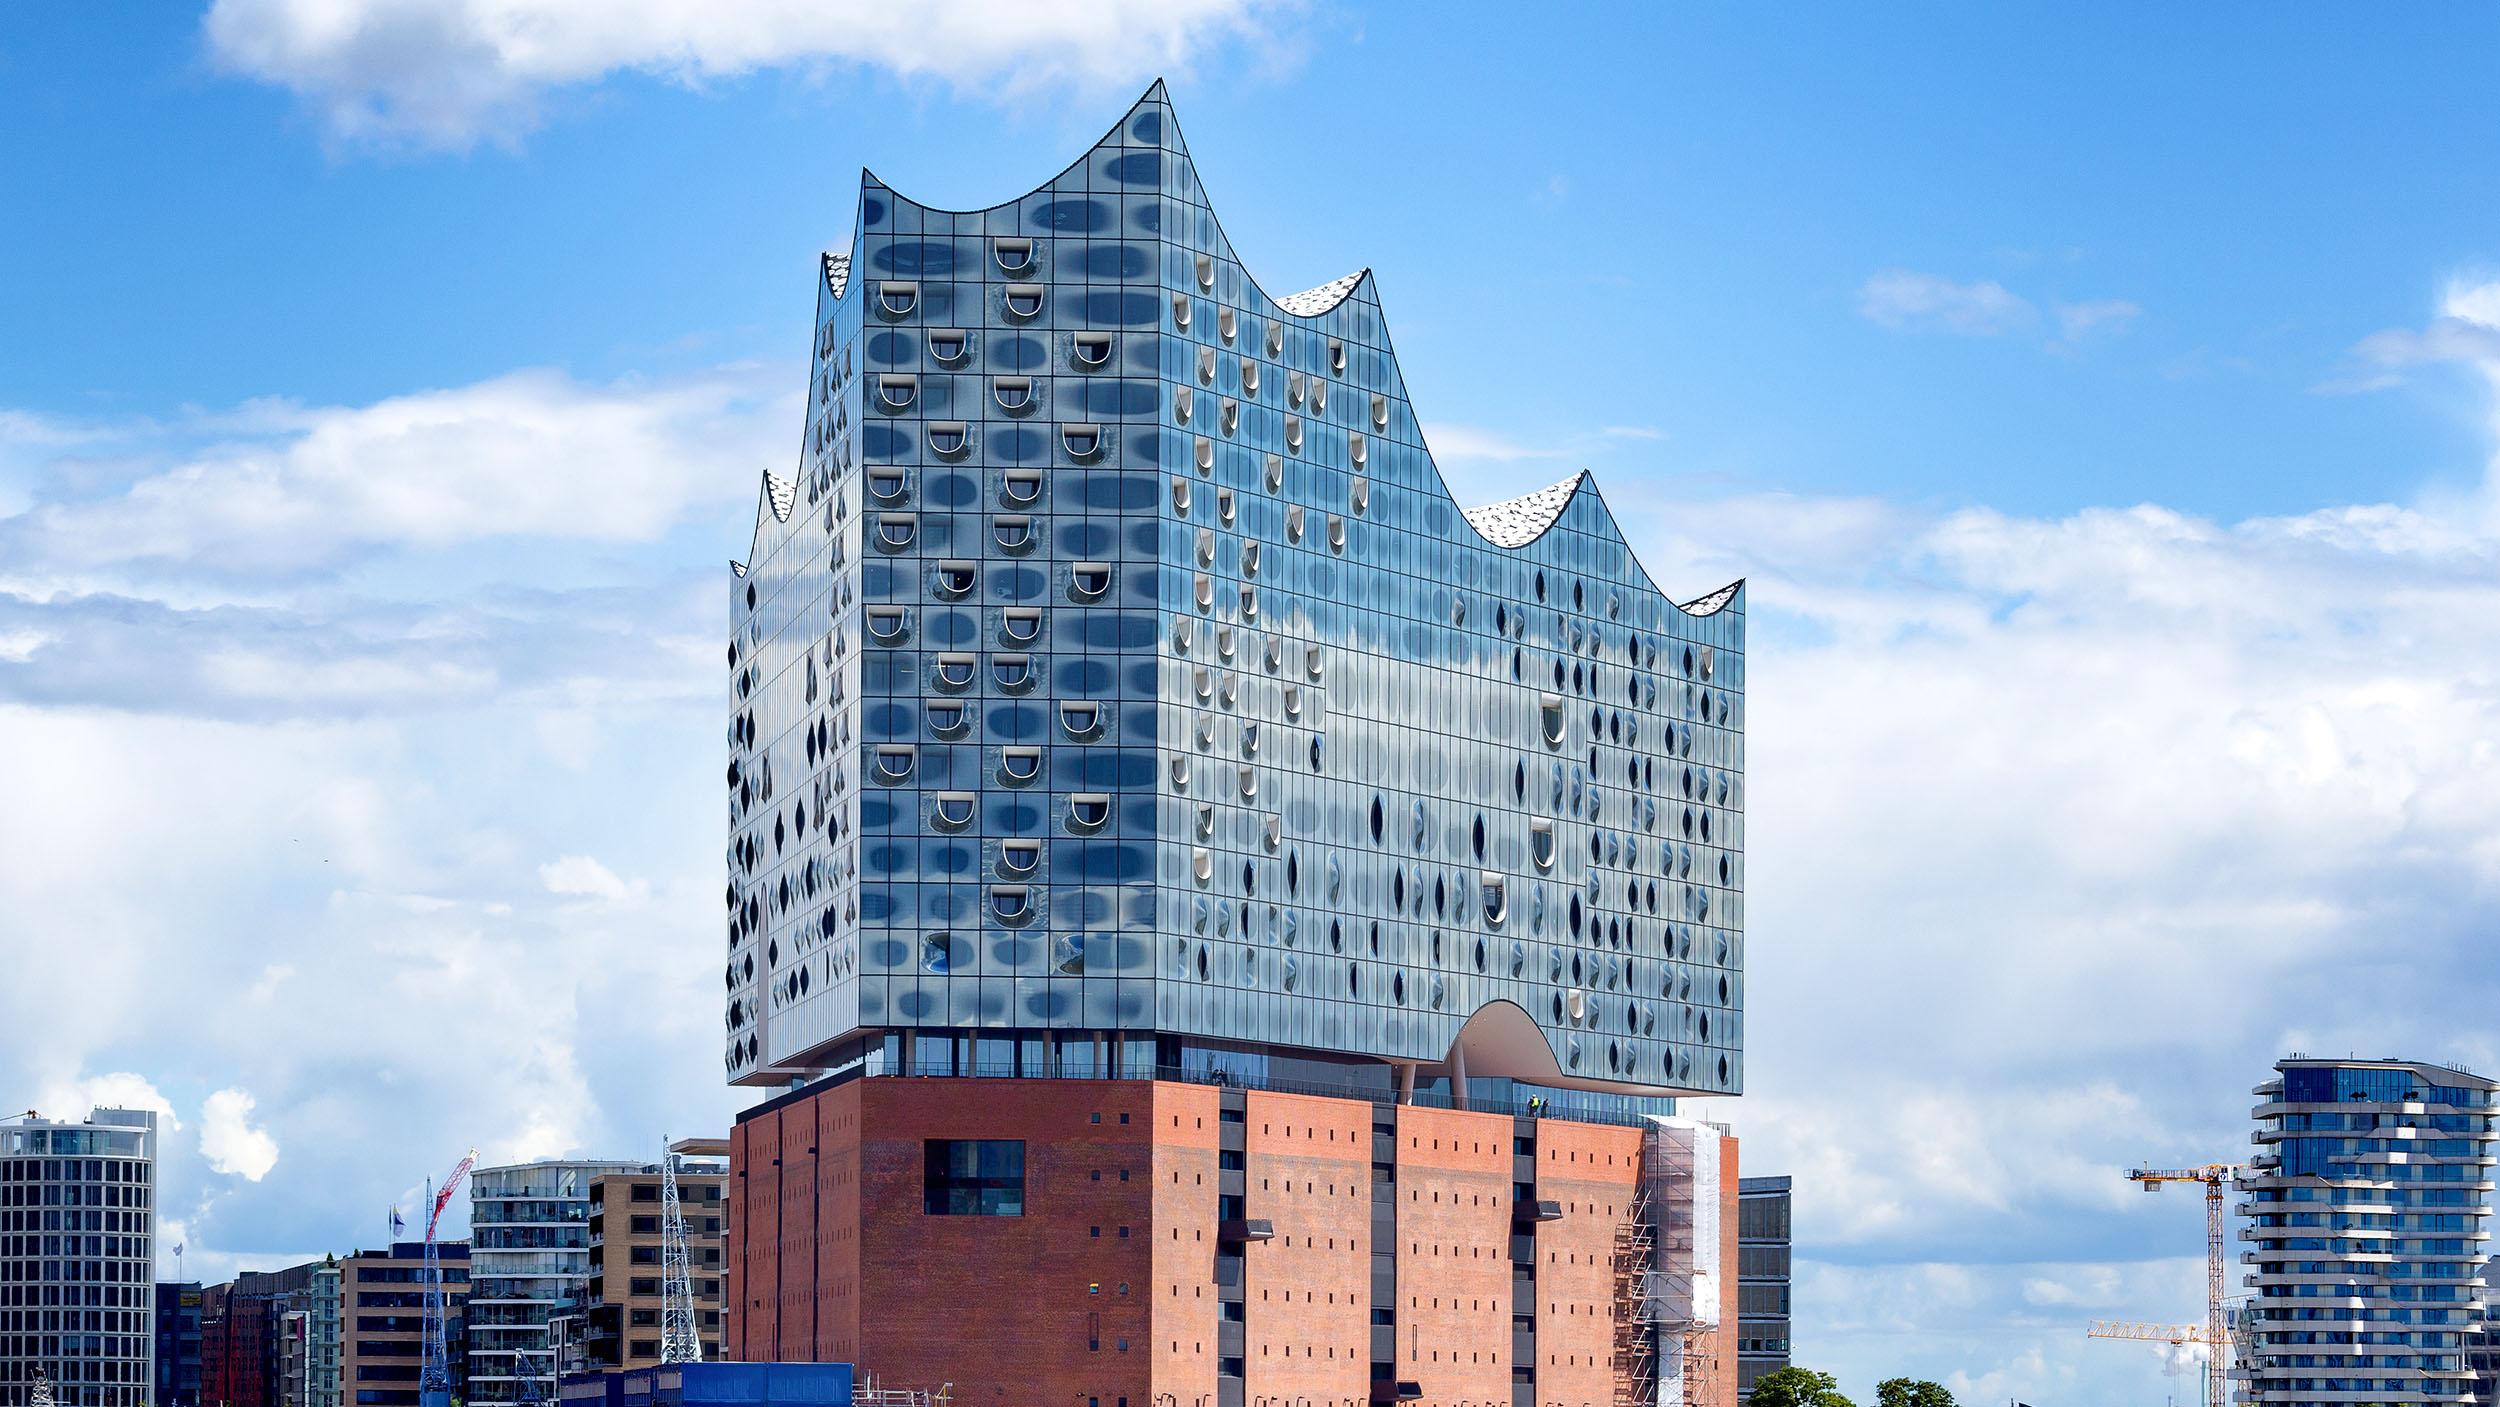 Produktlinie OGRO verwendet in der Elbphilharmonie, Hamburg